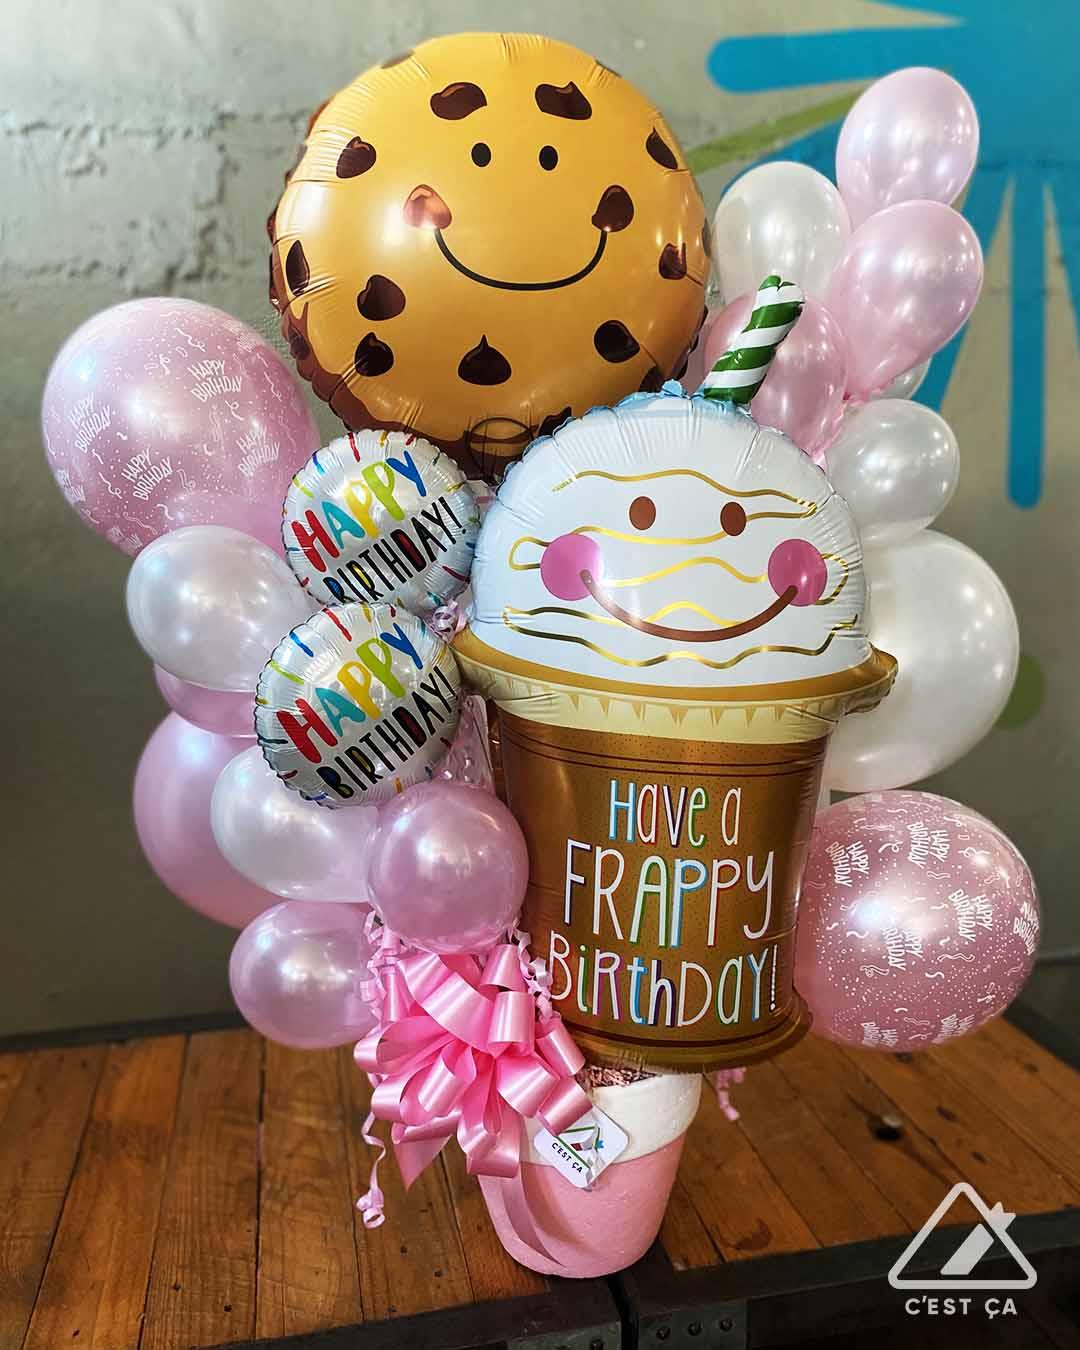 Frappy Birthday